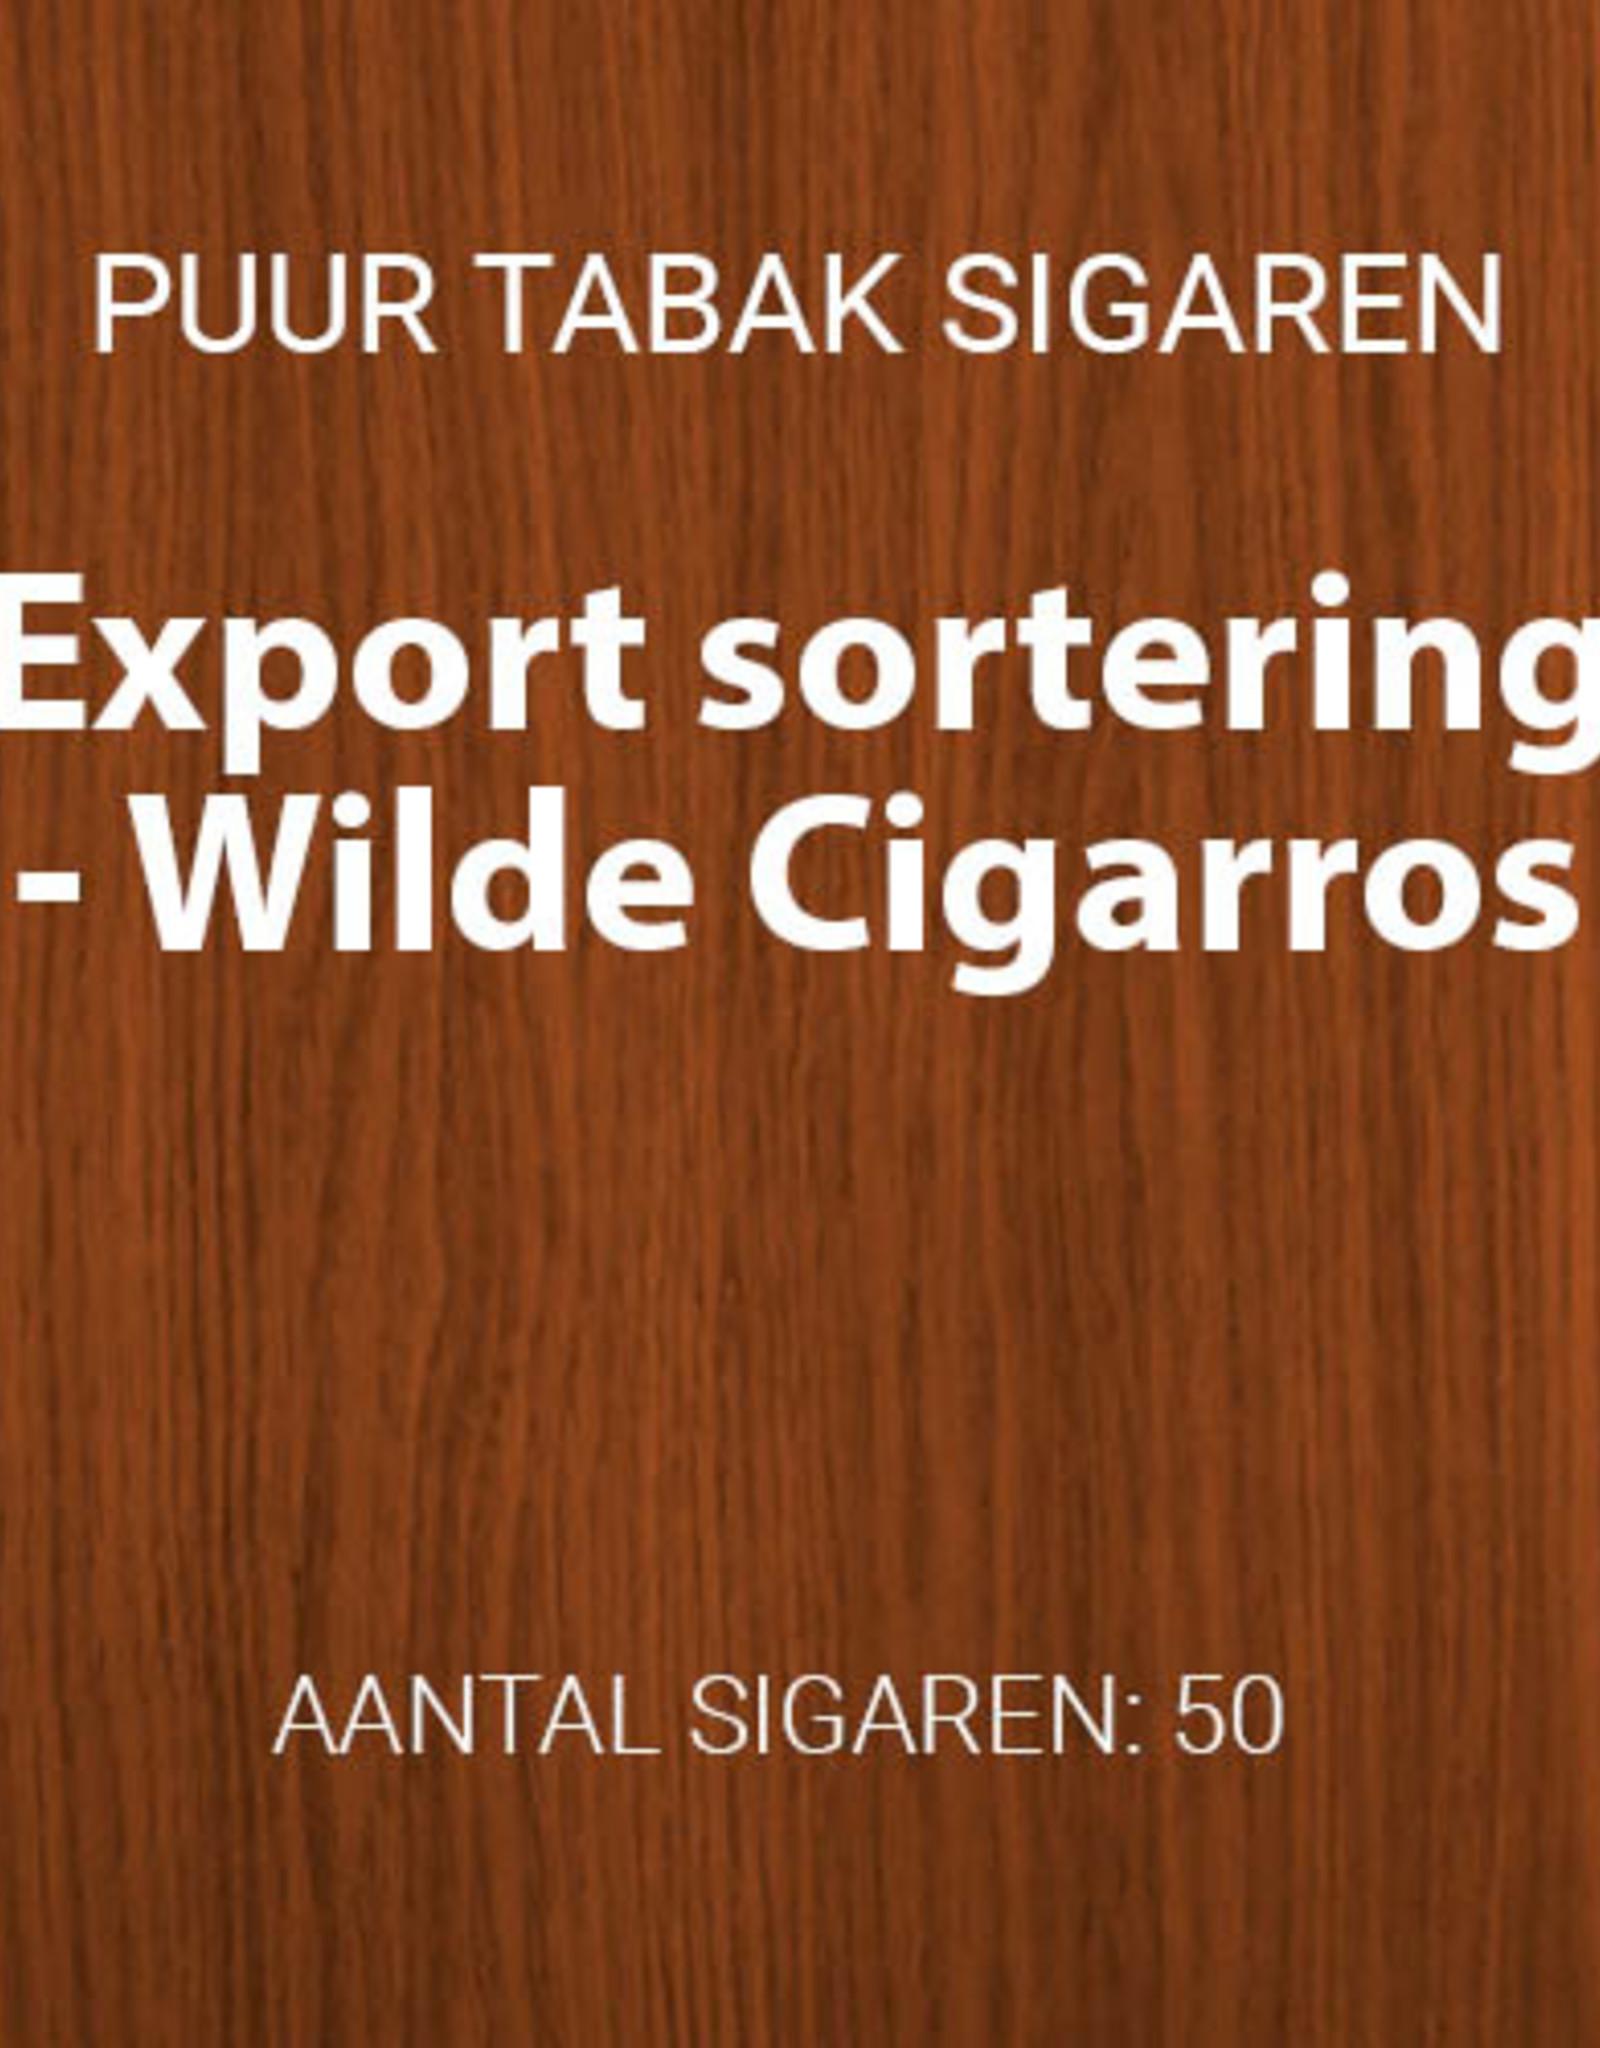 Export sortering Sumatra 50 Wilde Cigarros